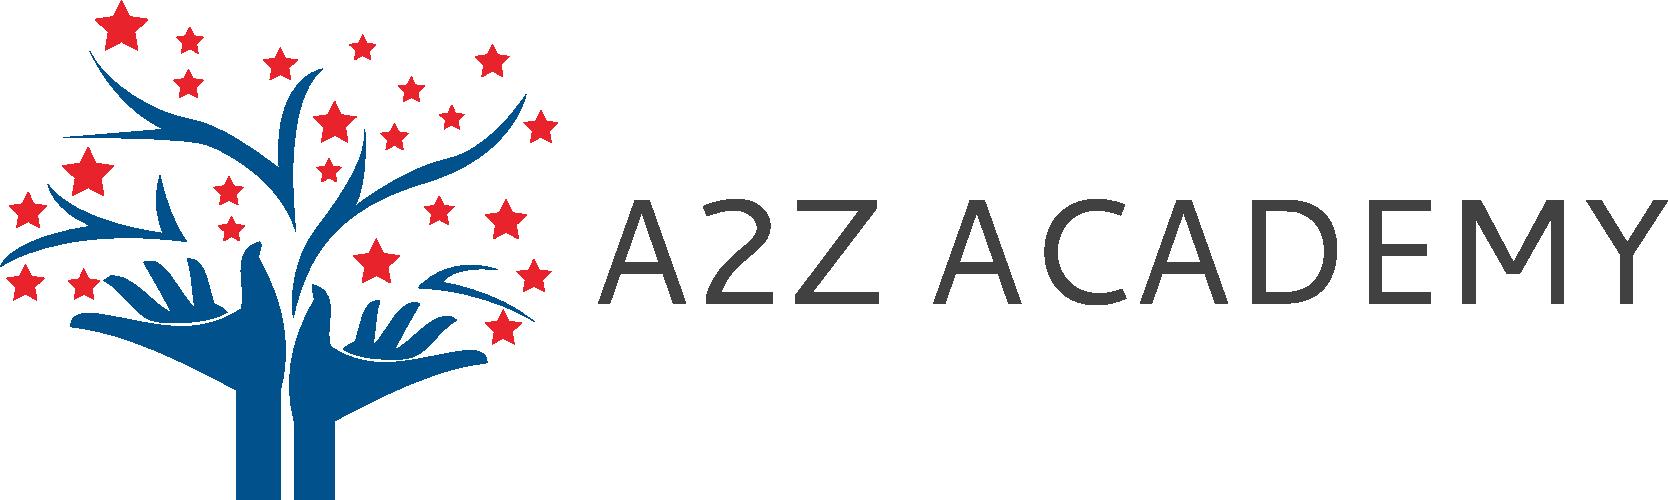 A2Z Academy